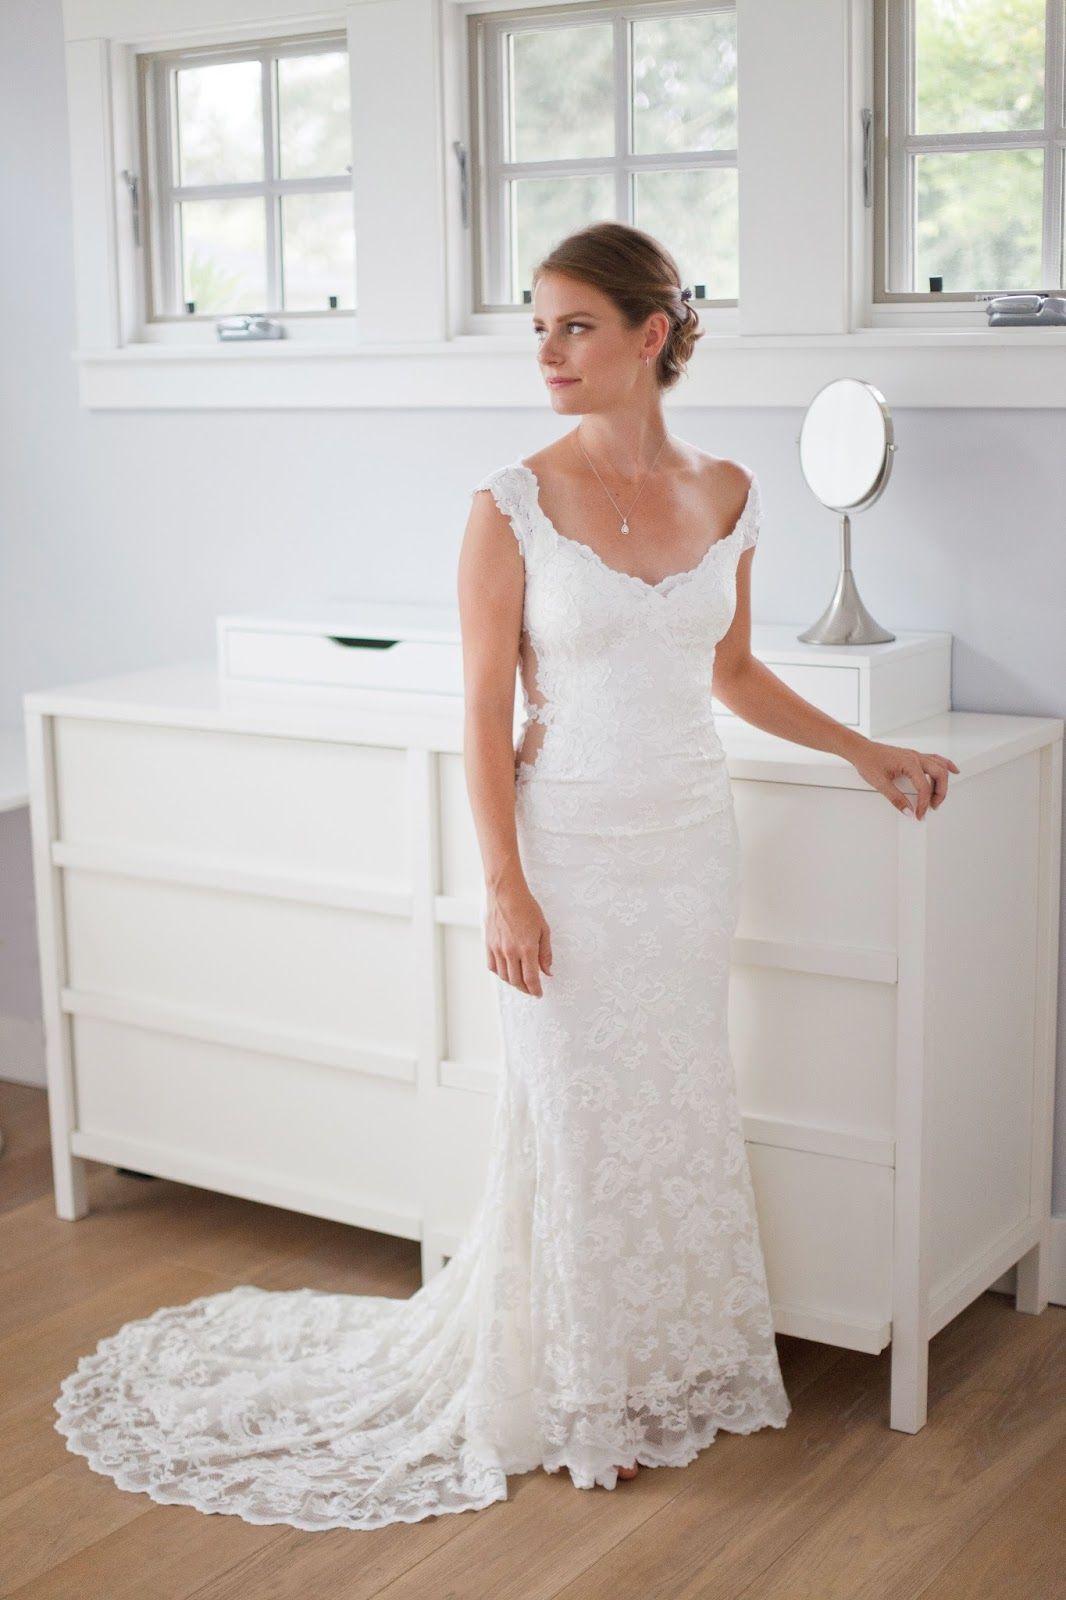 Olvis 1495 sw size 0 wedding dress wedding wedding dress and olvis 1495 sw size 0 wedding dress ombrellifo Gallery